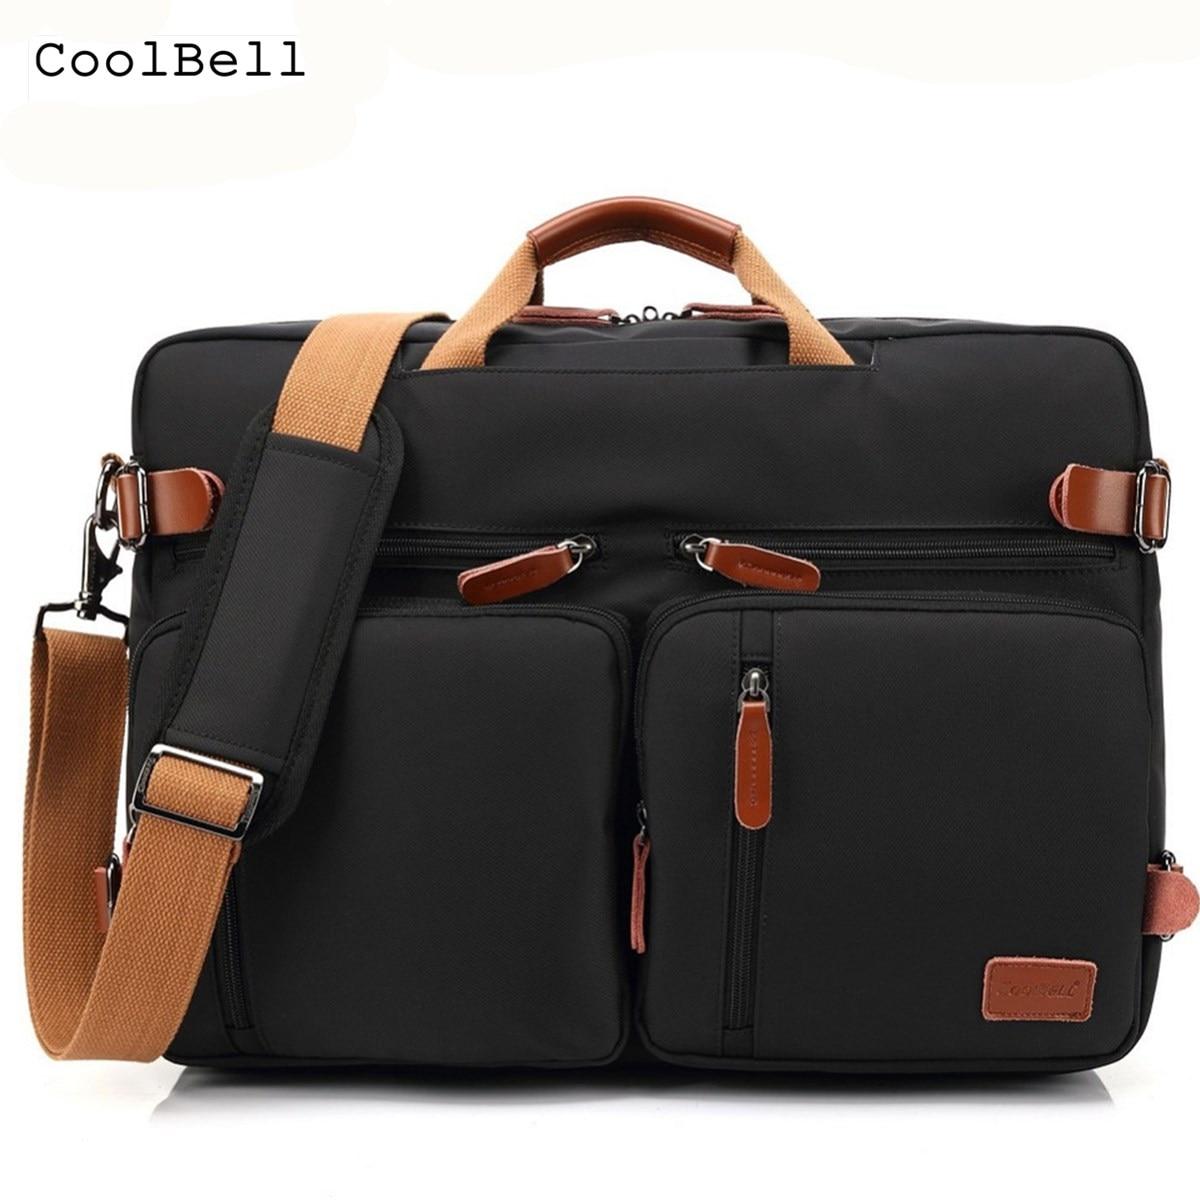 2018 sac à main étanche à chaud 17 17.3 ligh capacité voyage messager portable sac à bandoulière pour ordinateur portable housse pour ordinateur portable sac à dos pour ordinateur portable